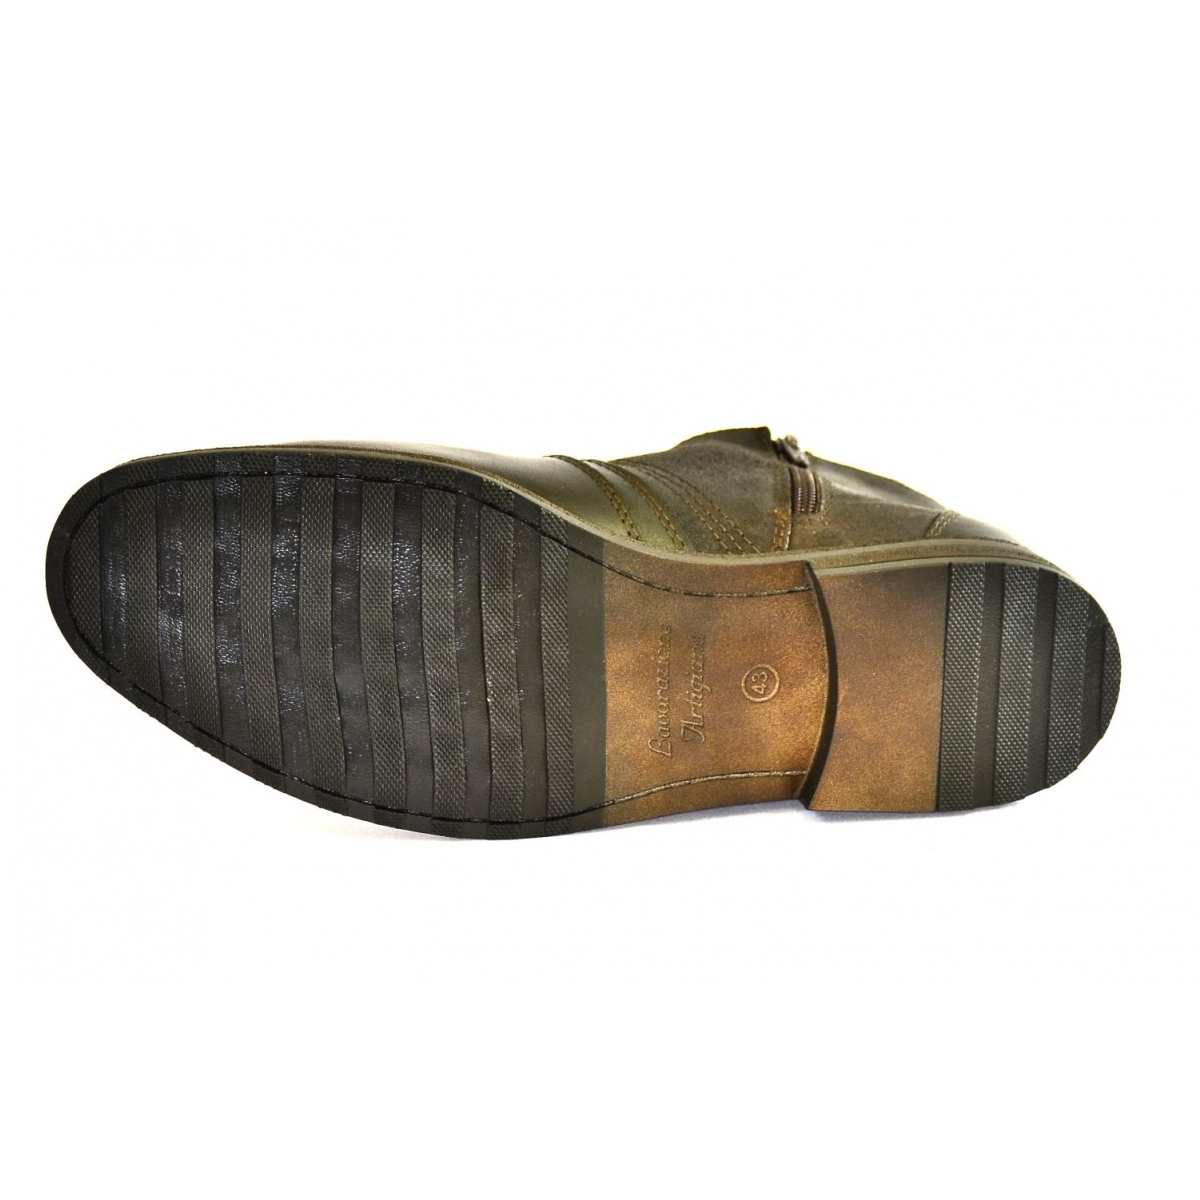 91cc53ecf9 Pánske tmavo-hnedé kožené zimné topánky CONRAD - 6